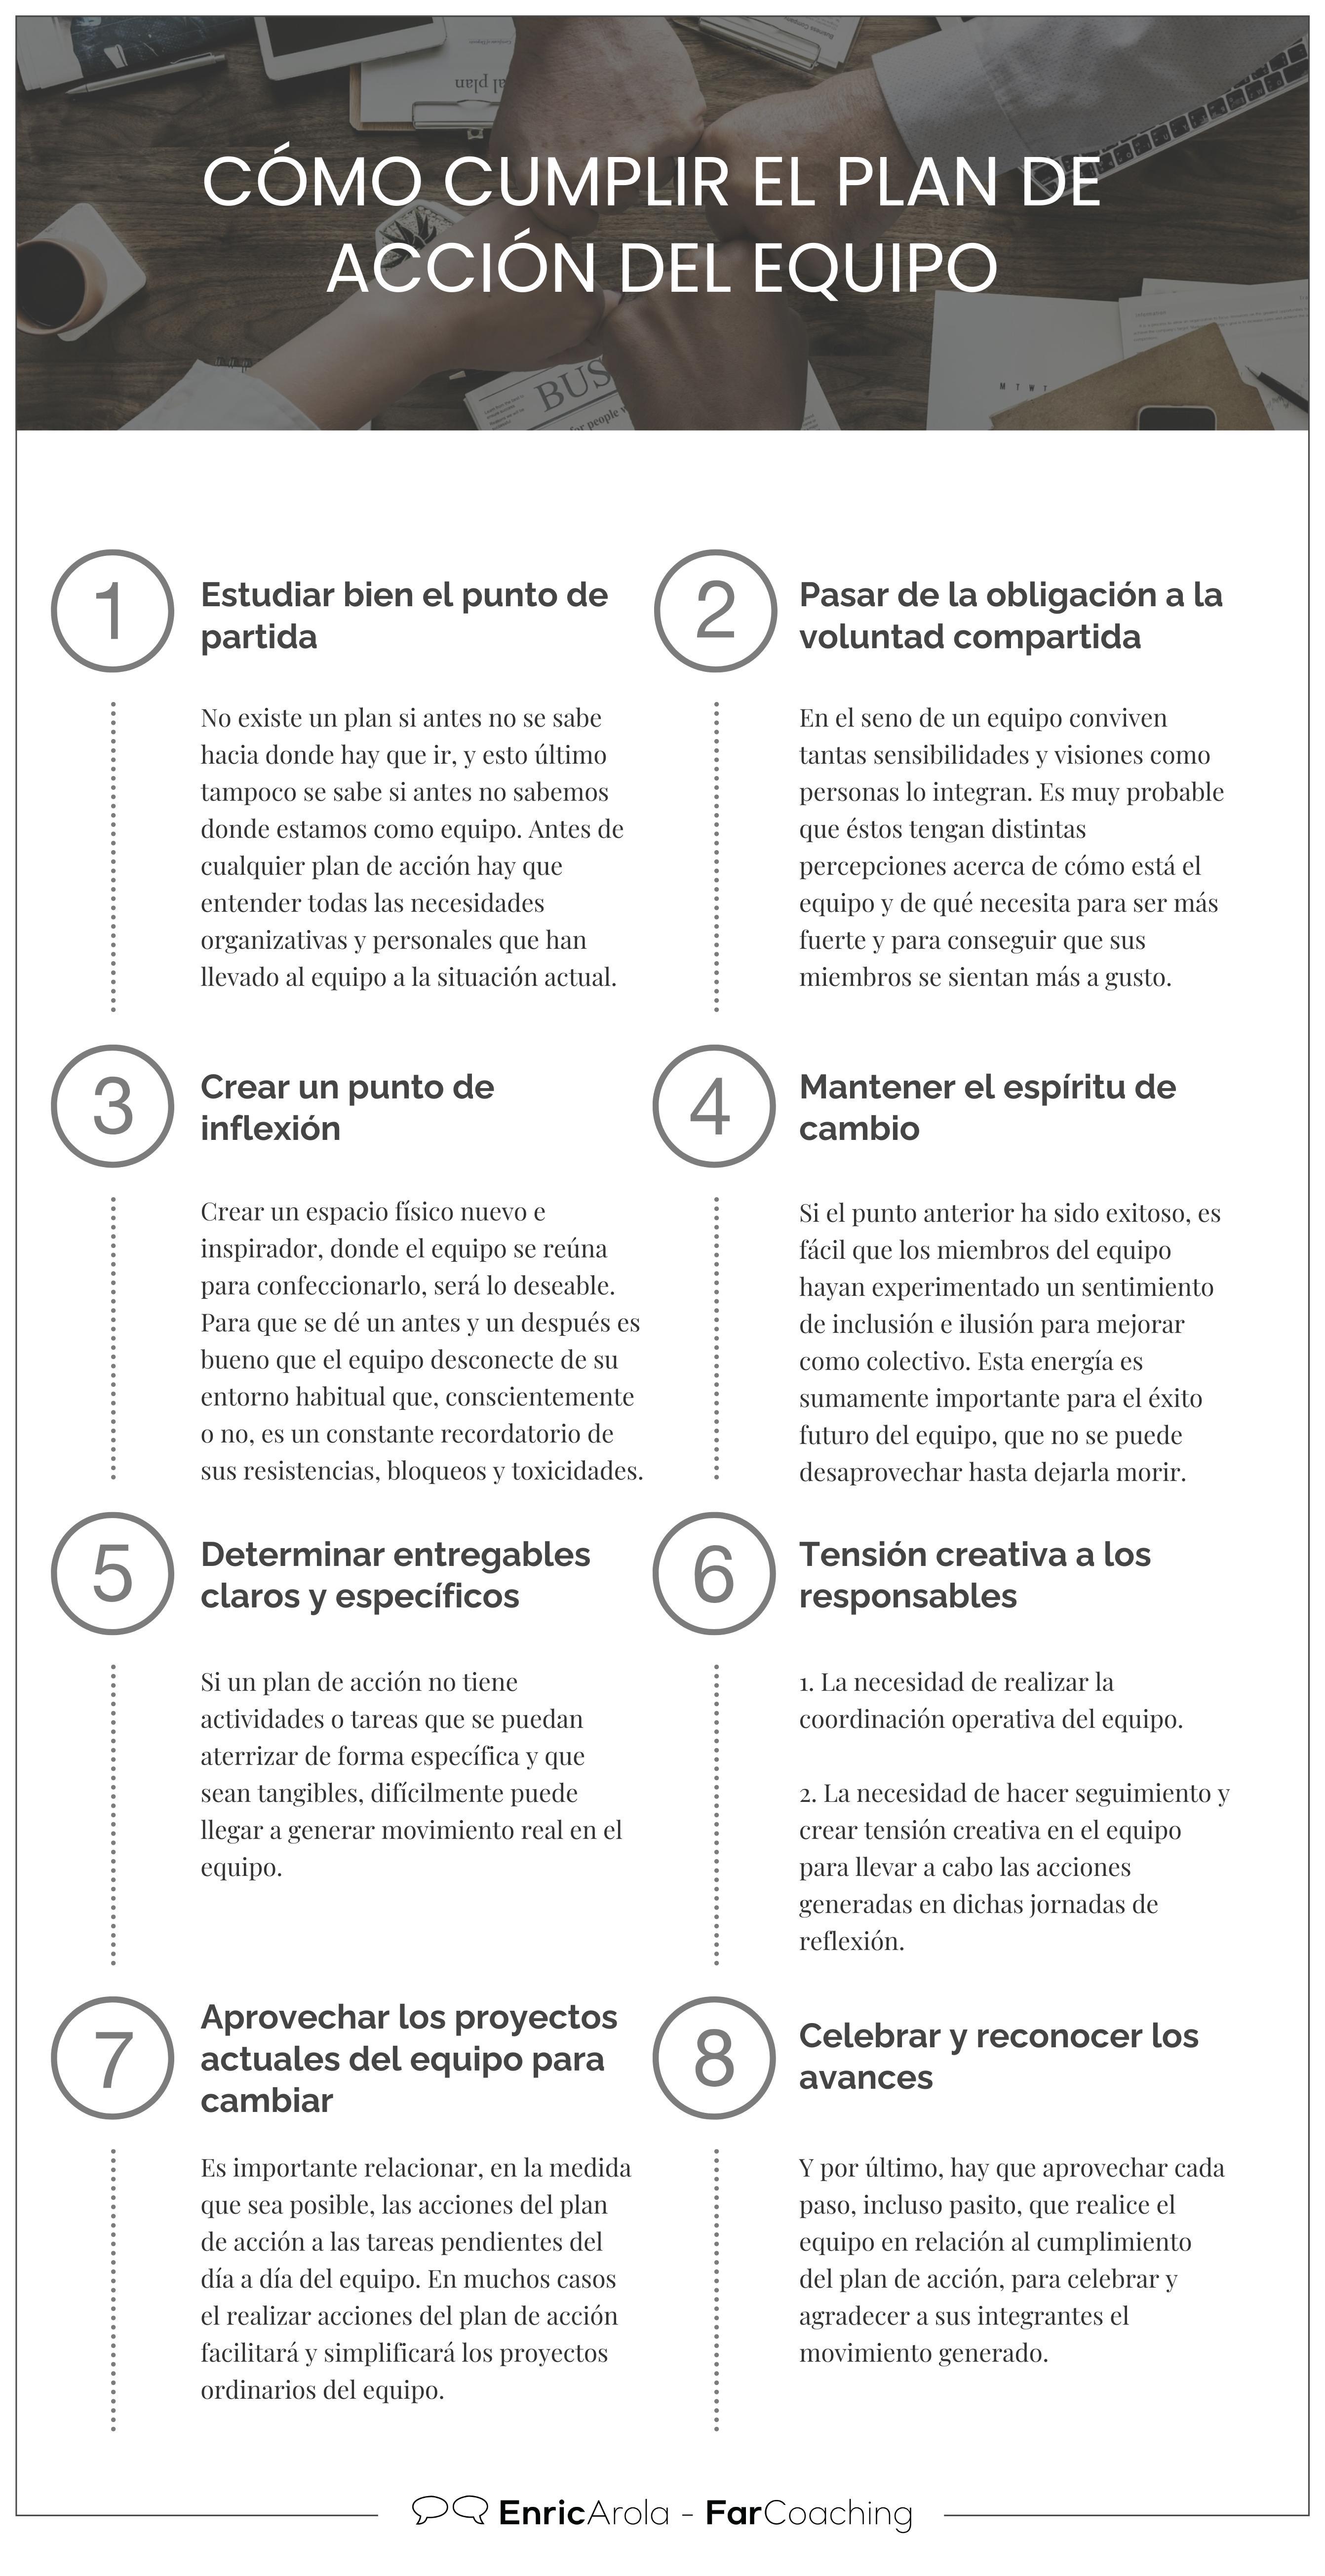 Infografía Cómo cumplir el plan de acción del equipo